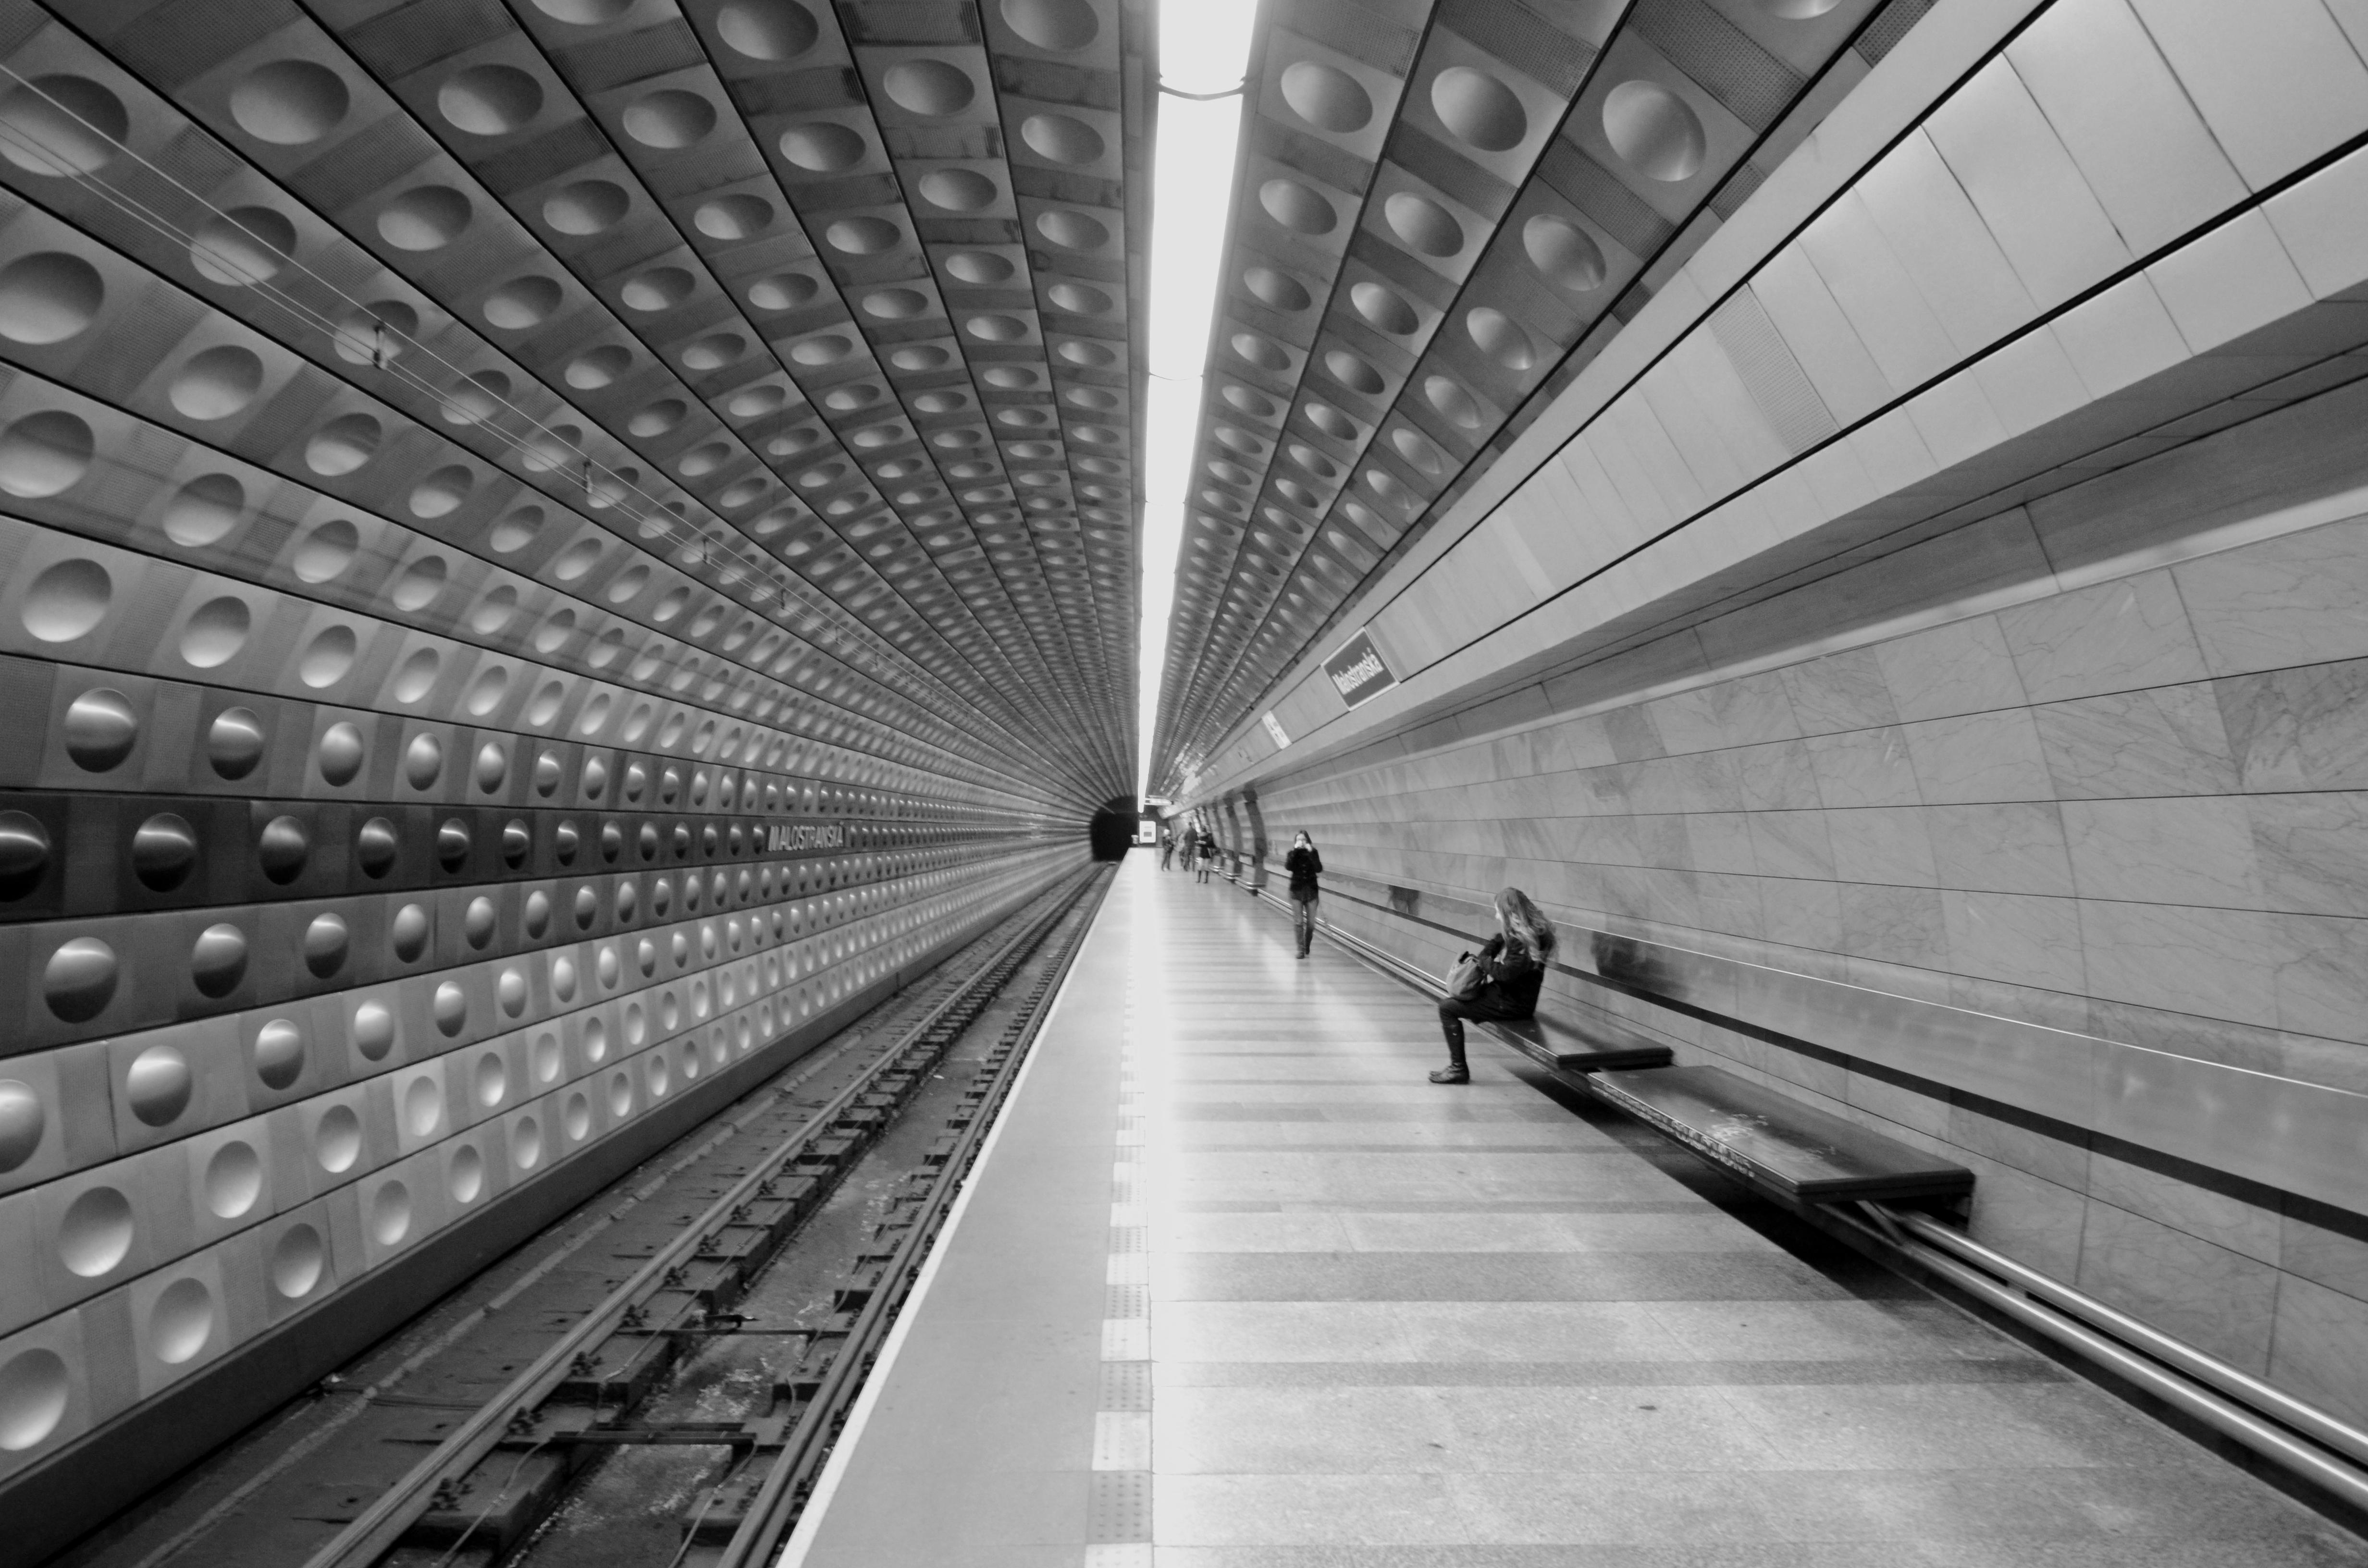 Malostranka Mrtro Station Prague